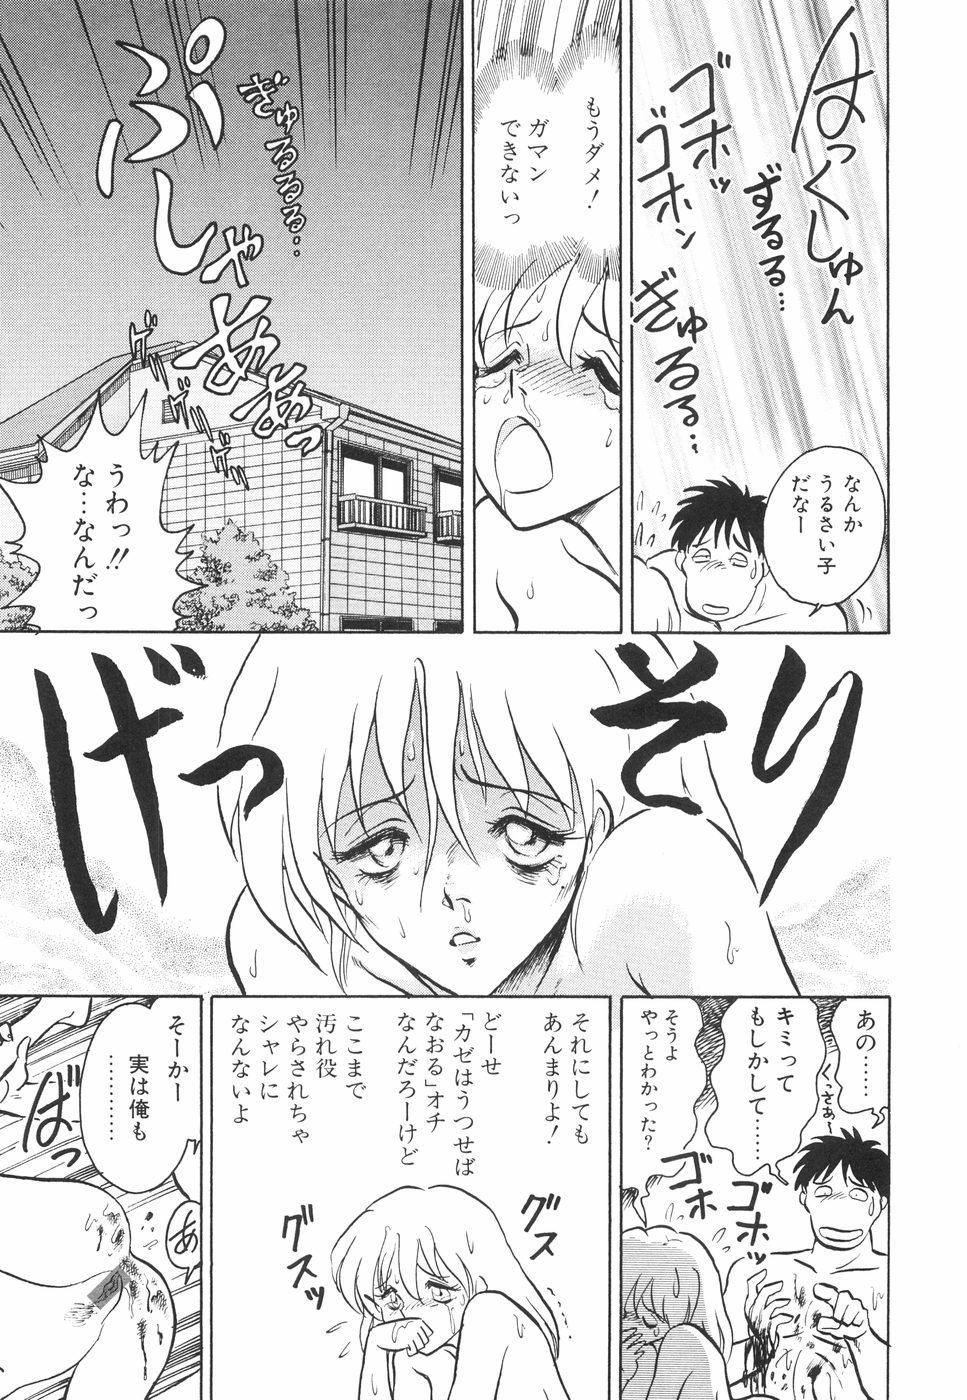 Hazukashime no Jikan 121